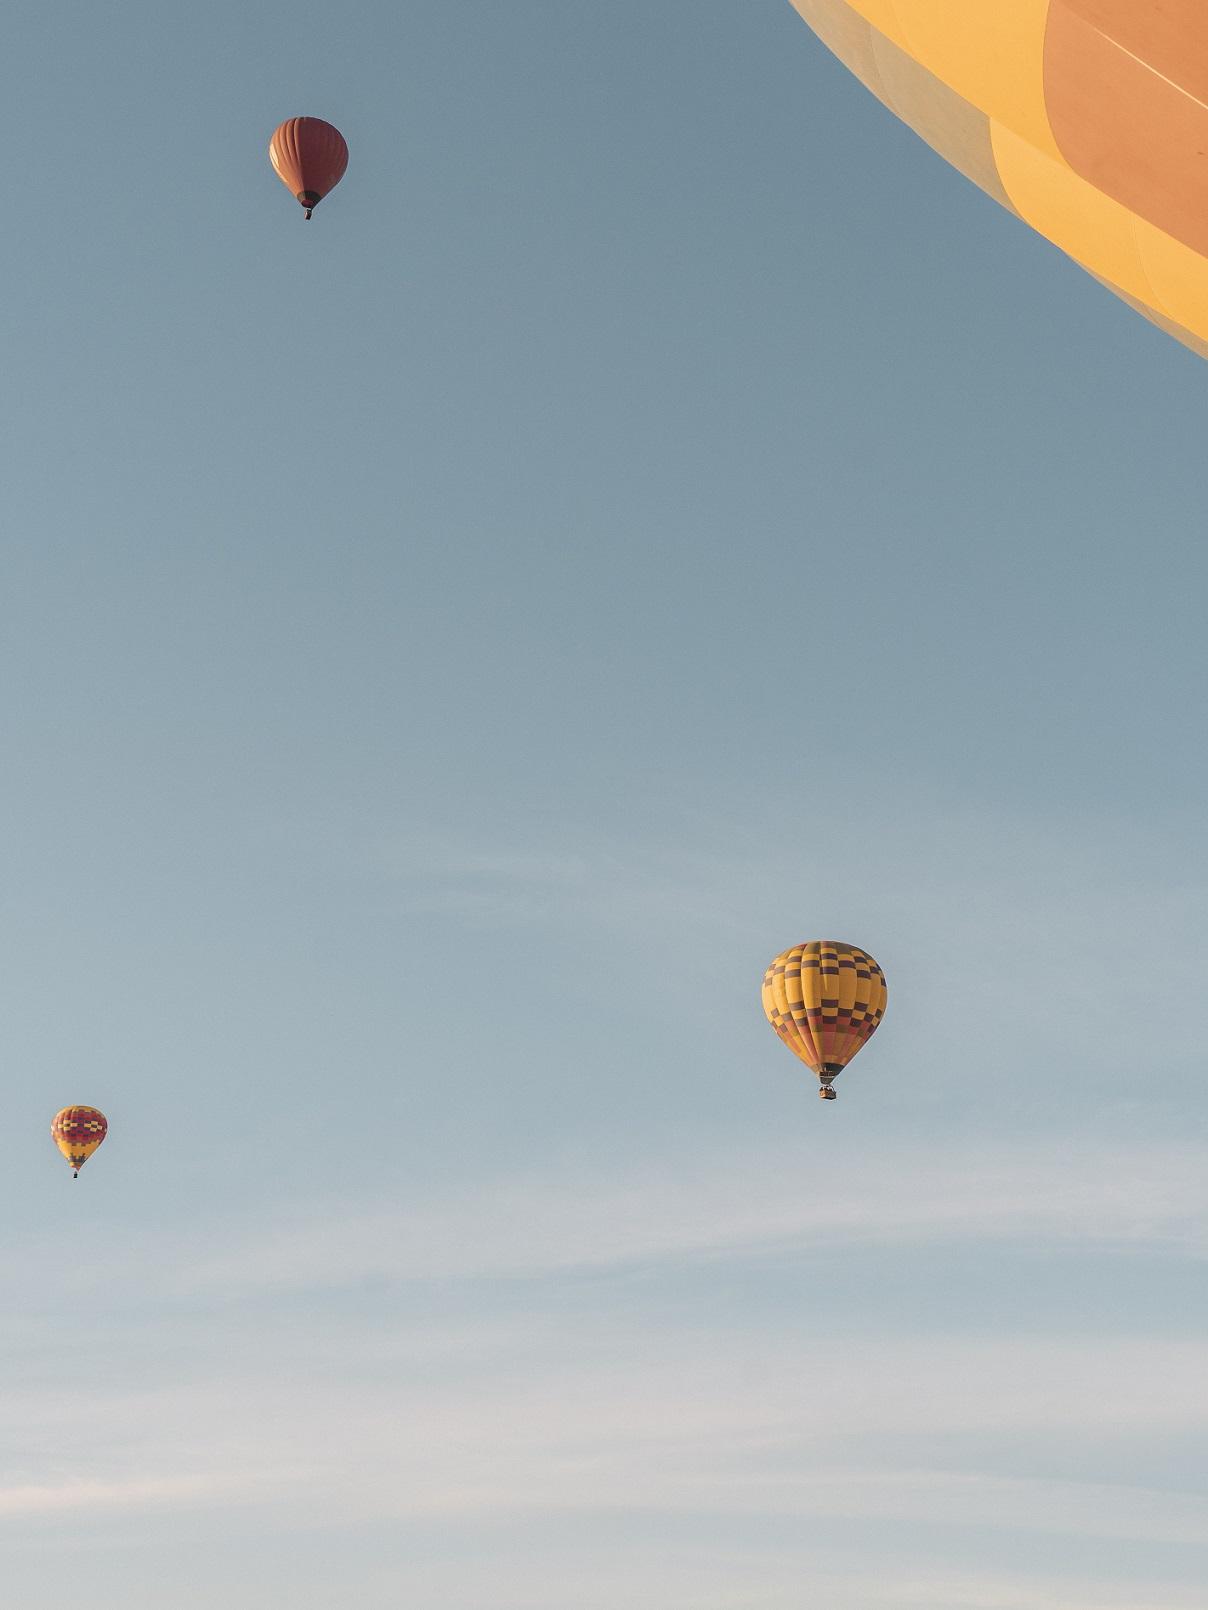 Trải nghiệm bay khinh khí cầu tại Vũng Tàu